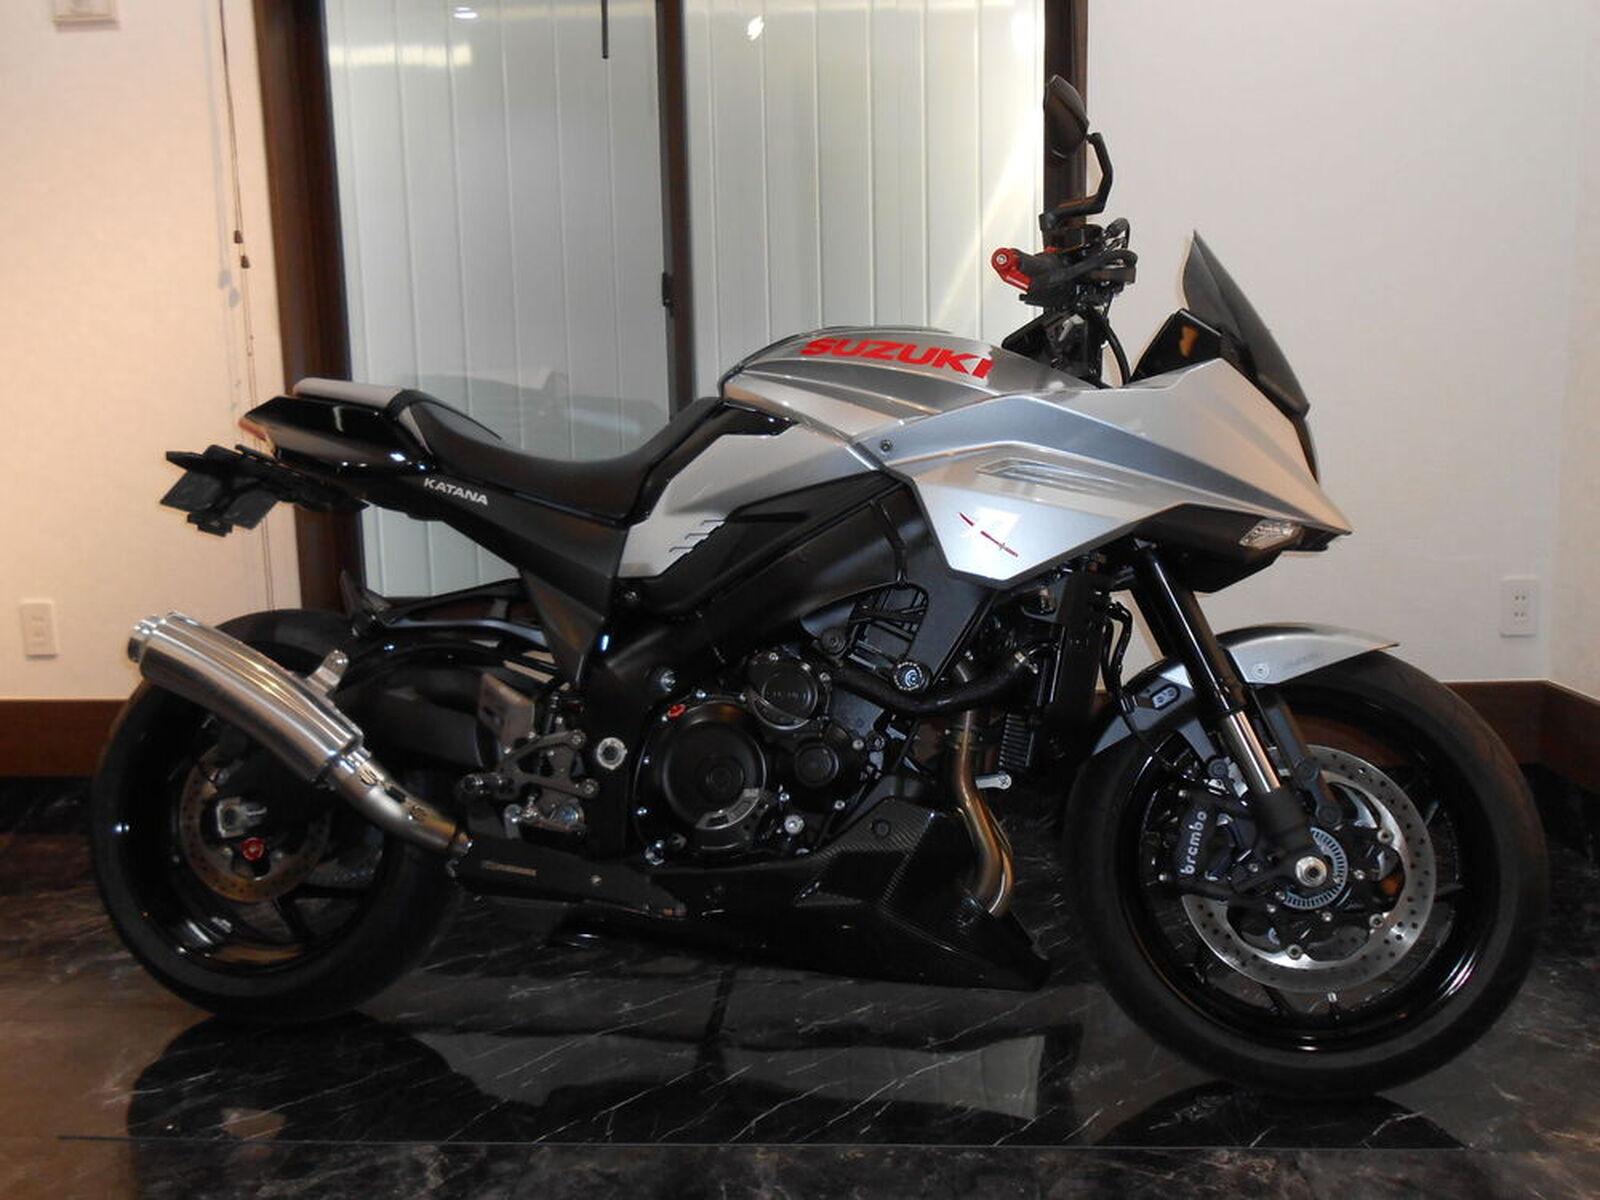 Katana スズキの新車 中古バイク一覧 ウェビック バイク選び